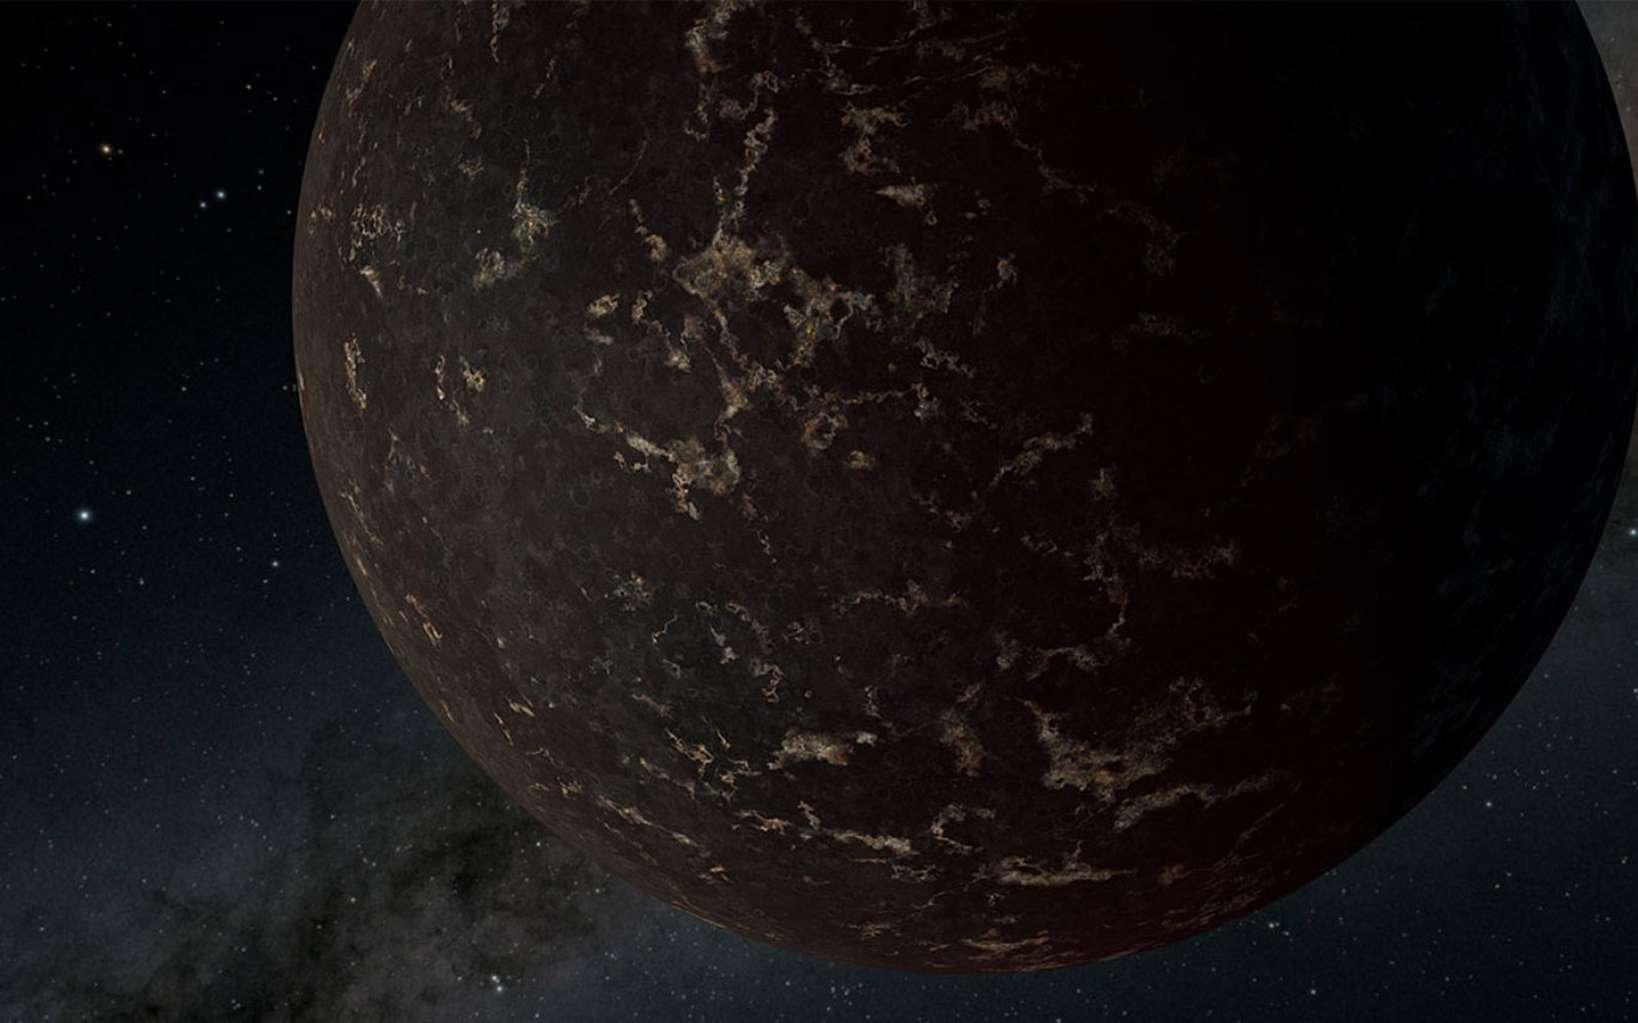 Vue d'artiste de l'exoplanète LHS 3844 b autour d'une étoile naine M. D'après les observations du télescope spatial Spitzer de la Nasa, la surface de la planète pourrait être principalement recouverte de laves sombres, sans atmosphère apparente. © Nasa / JPL-Caltech / R. Hurt (Ipac)